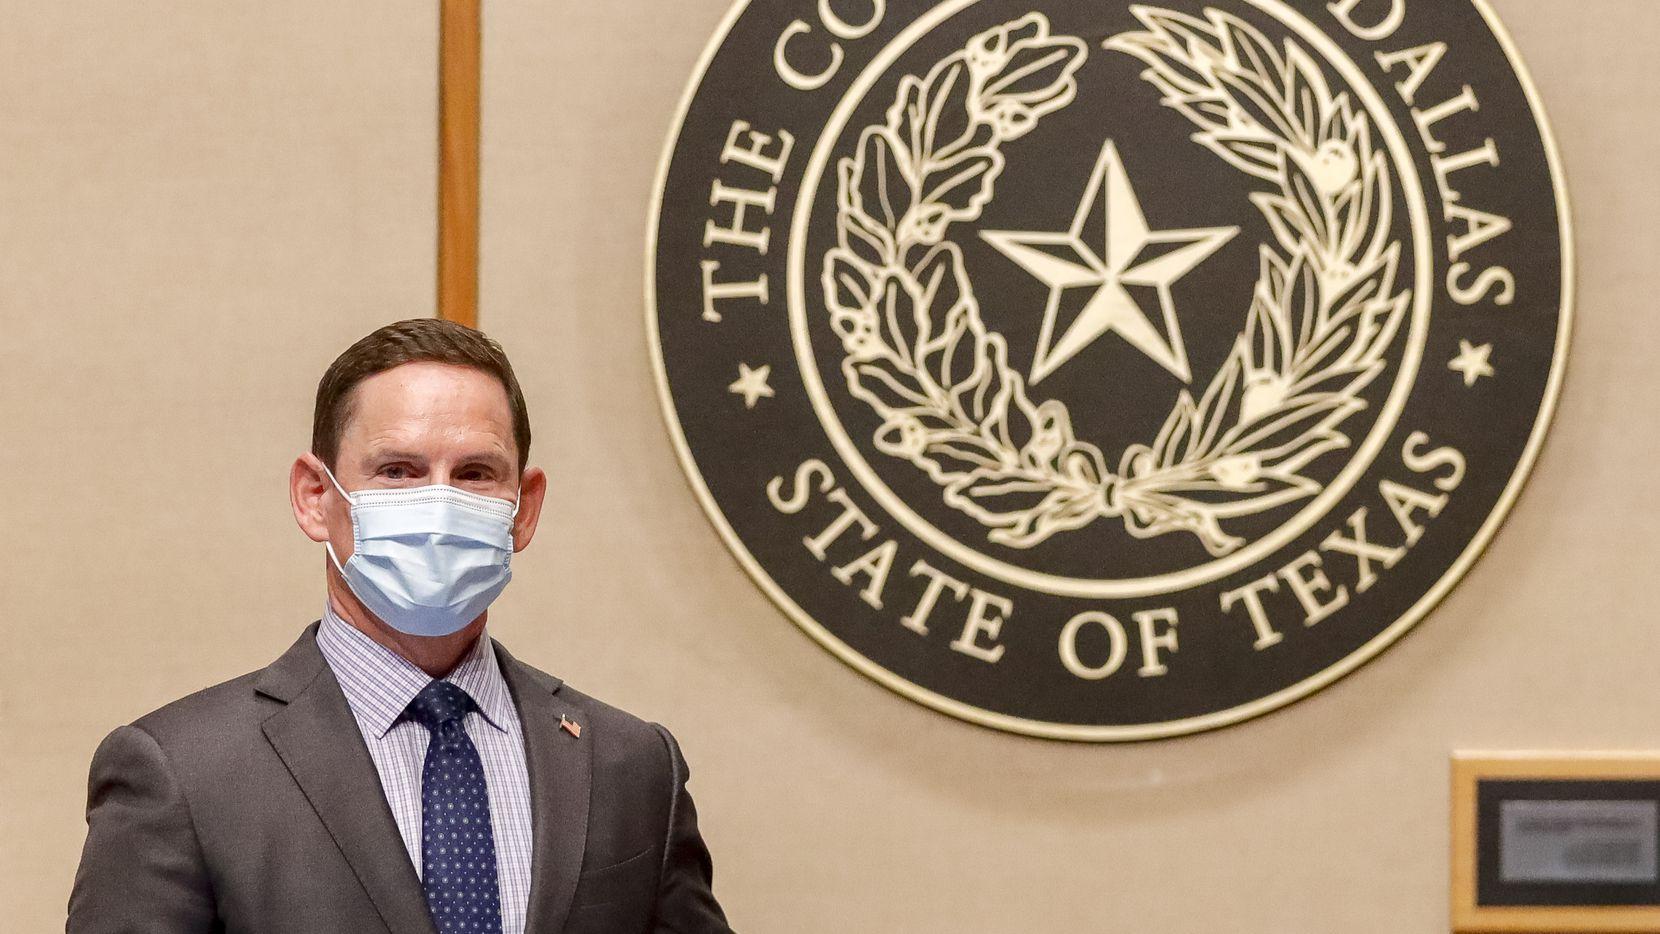 El juez Clay Jenkins demandó al gobernador Greg Abbott por su orden que prohíbe requerir uso de mascarillas, una de las pocas medidas que pueden ayudar a paliar la pandemia, dice Jenkins en la demanda.